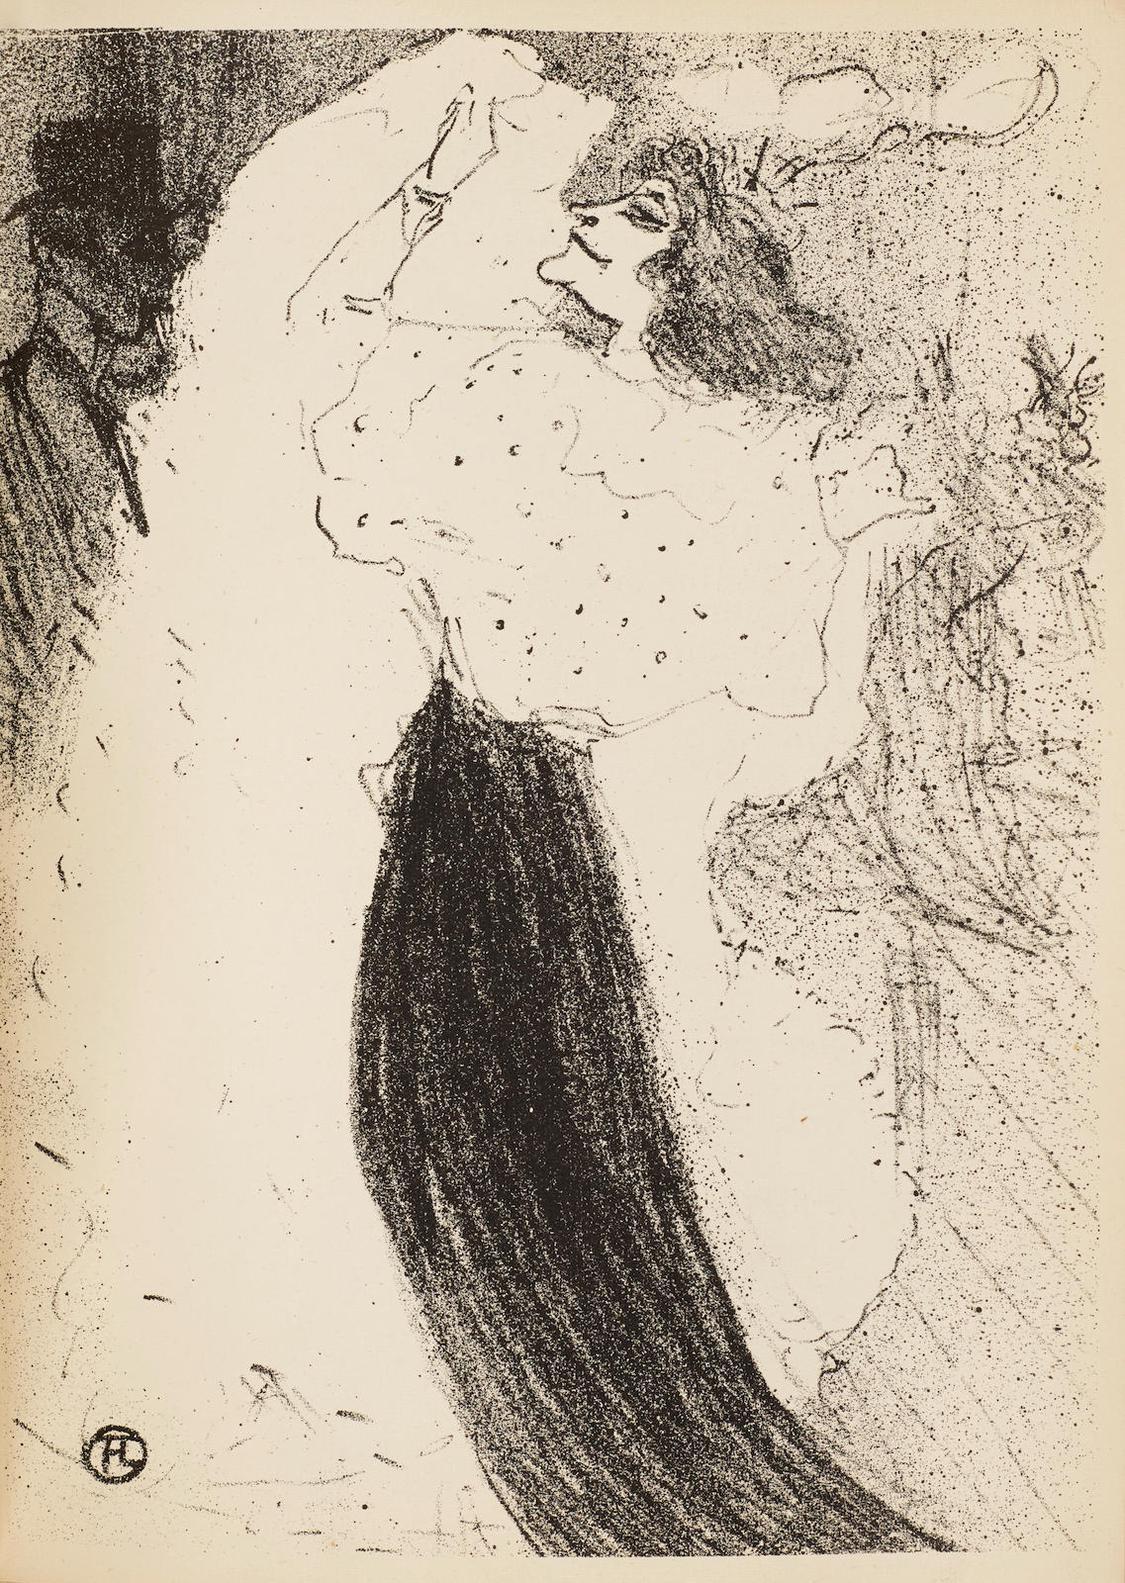 Henri de Toulouse-Lautrec-Danse Excentrique, With 16 Lithographs By Various Artists In The Exhibition Catalogue 'La Depeche De Toulouse'-1894